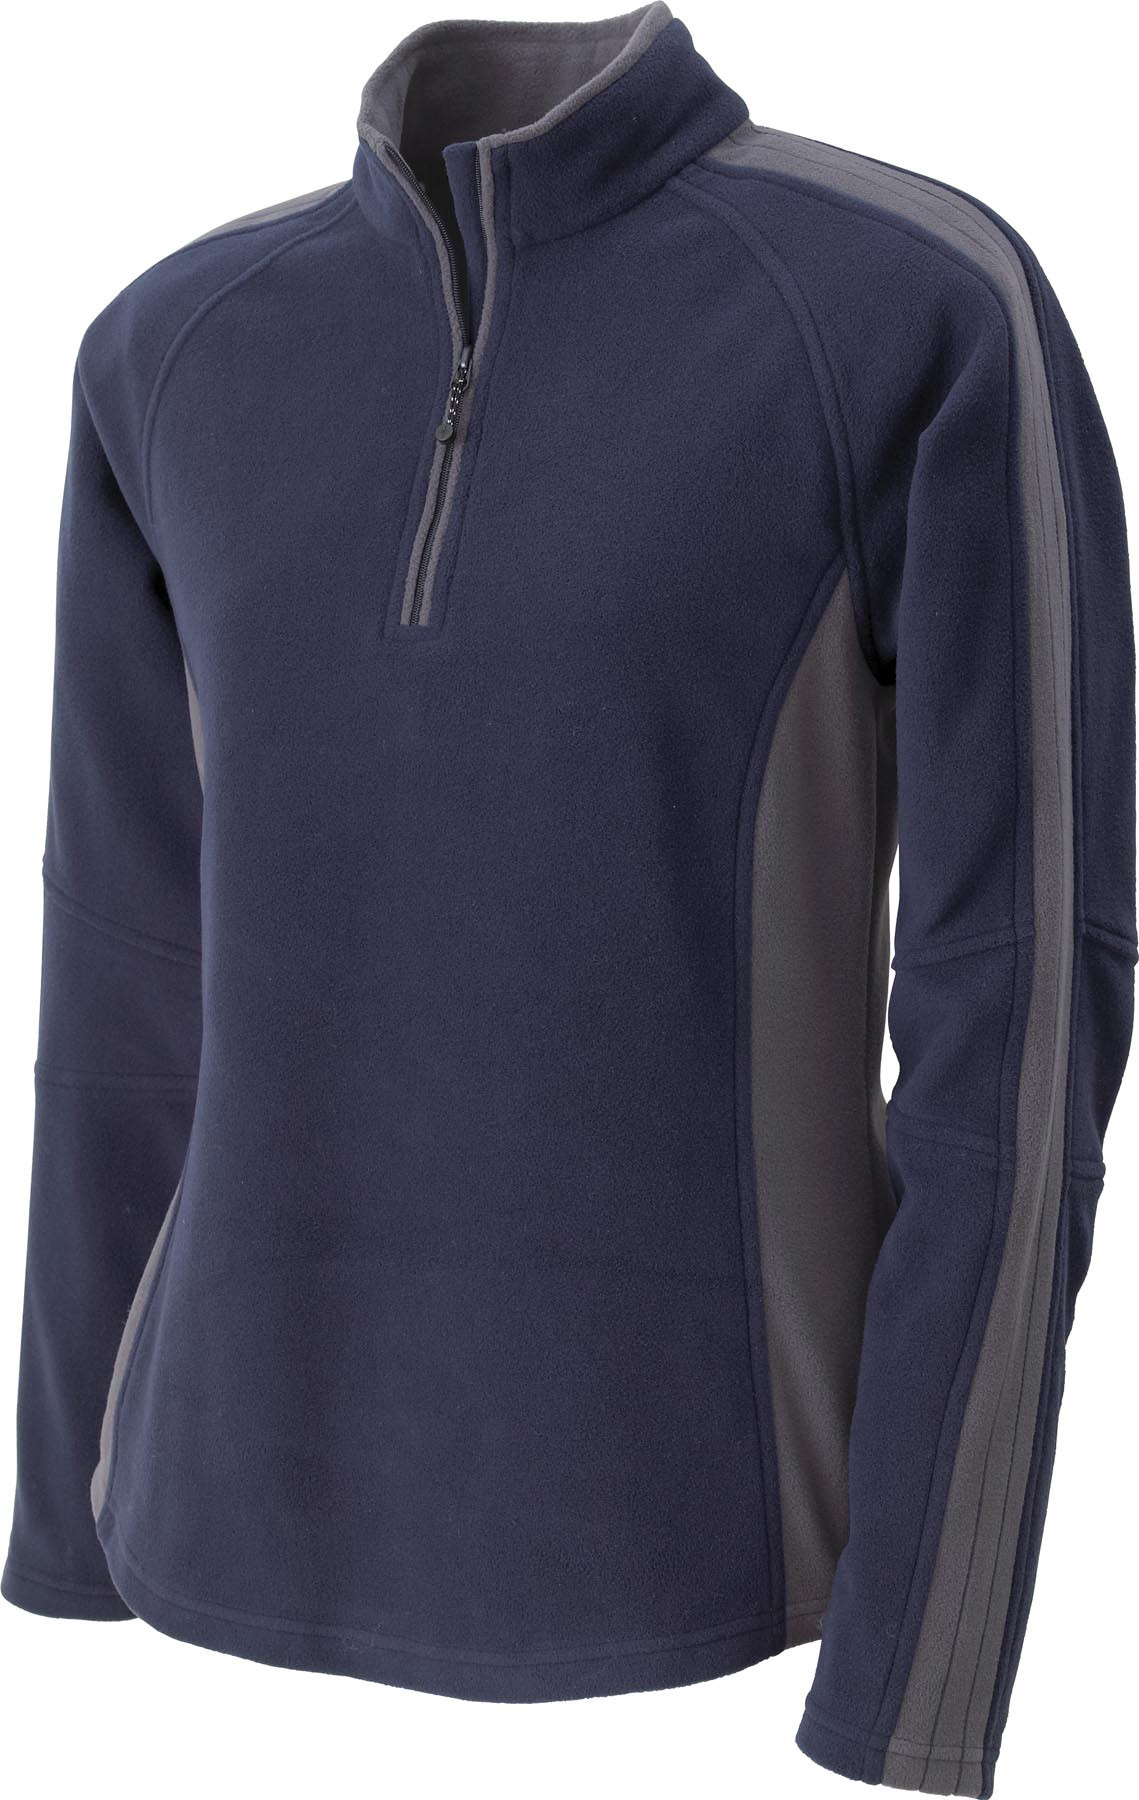 Ash City e.c.o Fleece 78057 - Ladies' Recycled Polyester Half-Zip Fleece Top